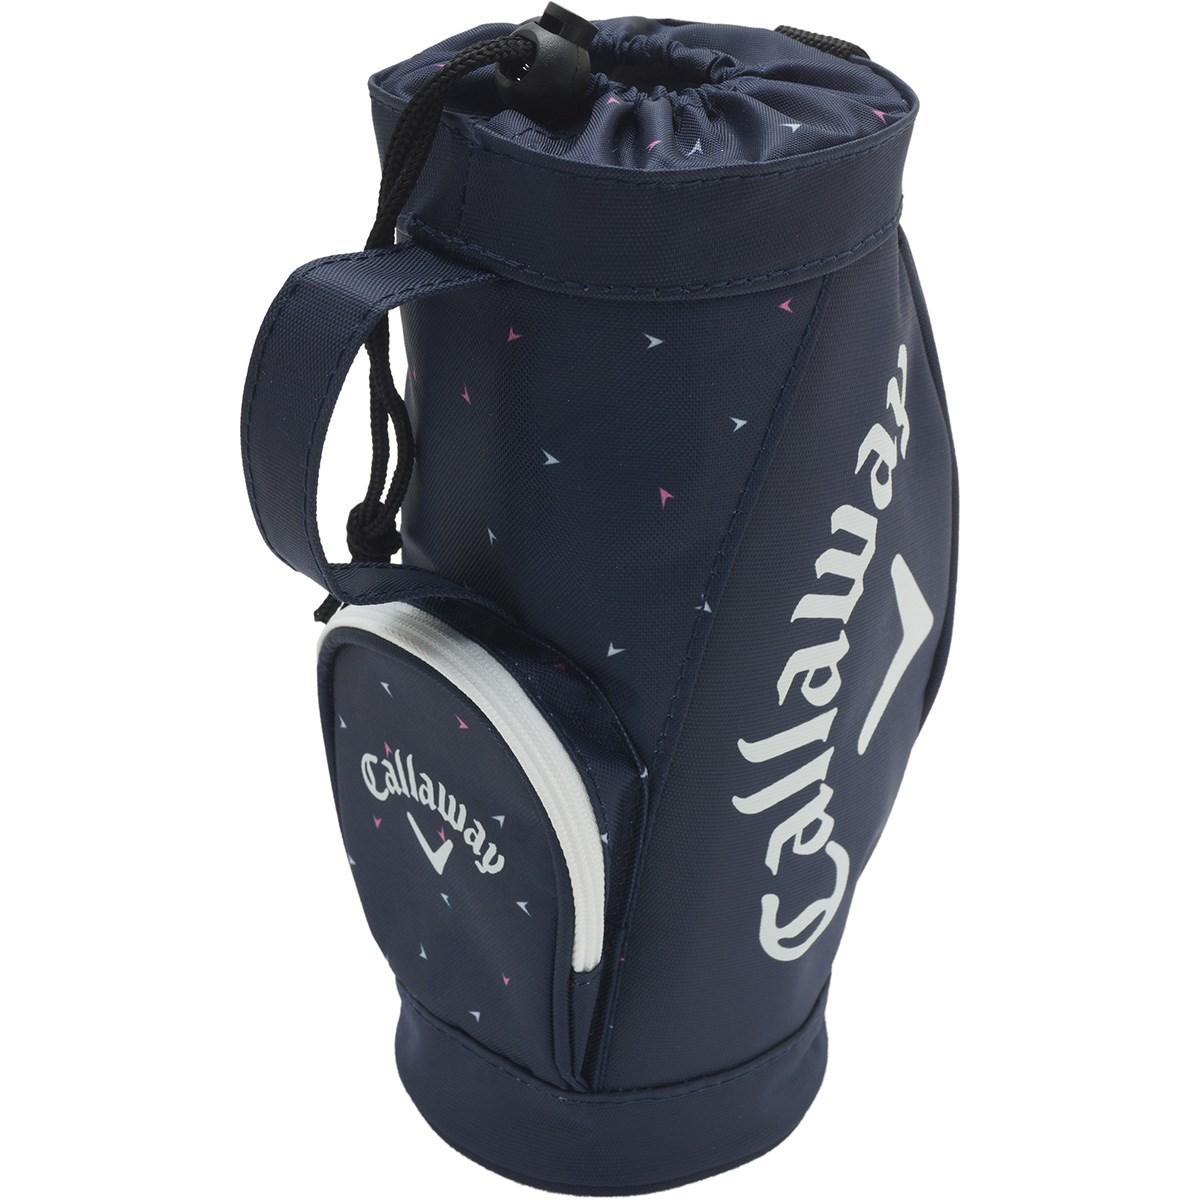 キャロウェイゴルフ(Callaway Golf) 1Lペットボトルケース